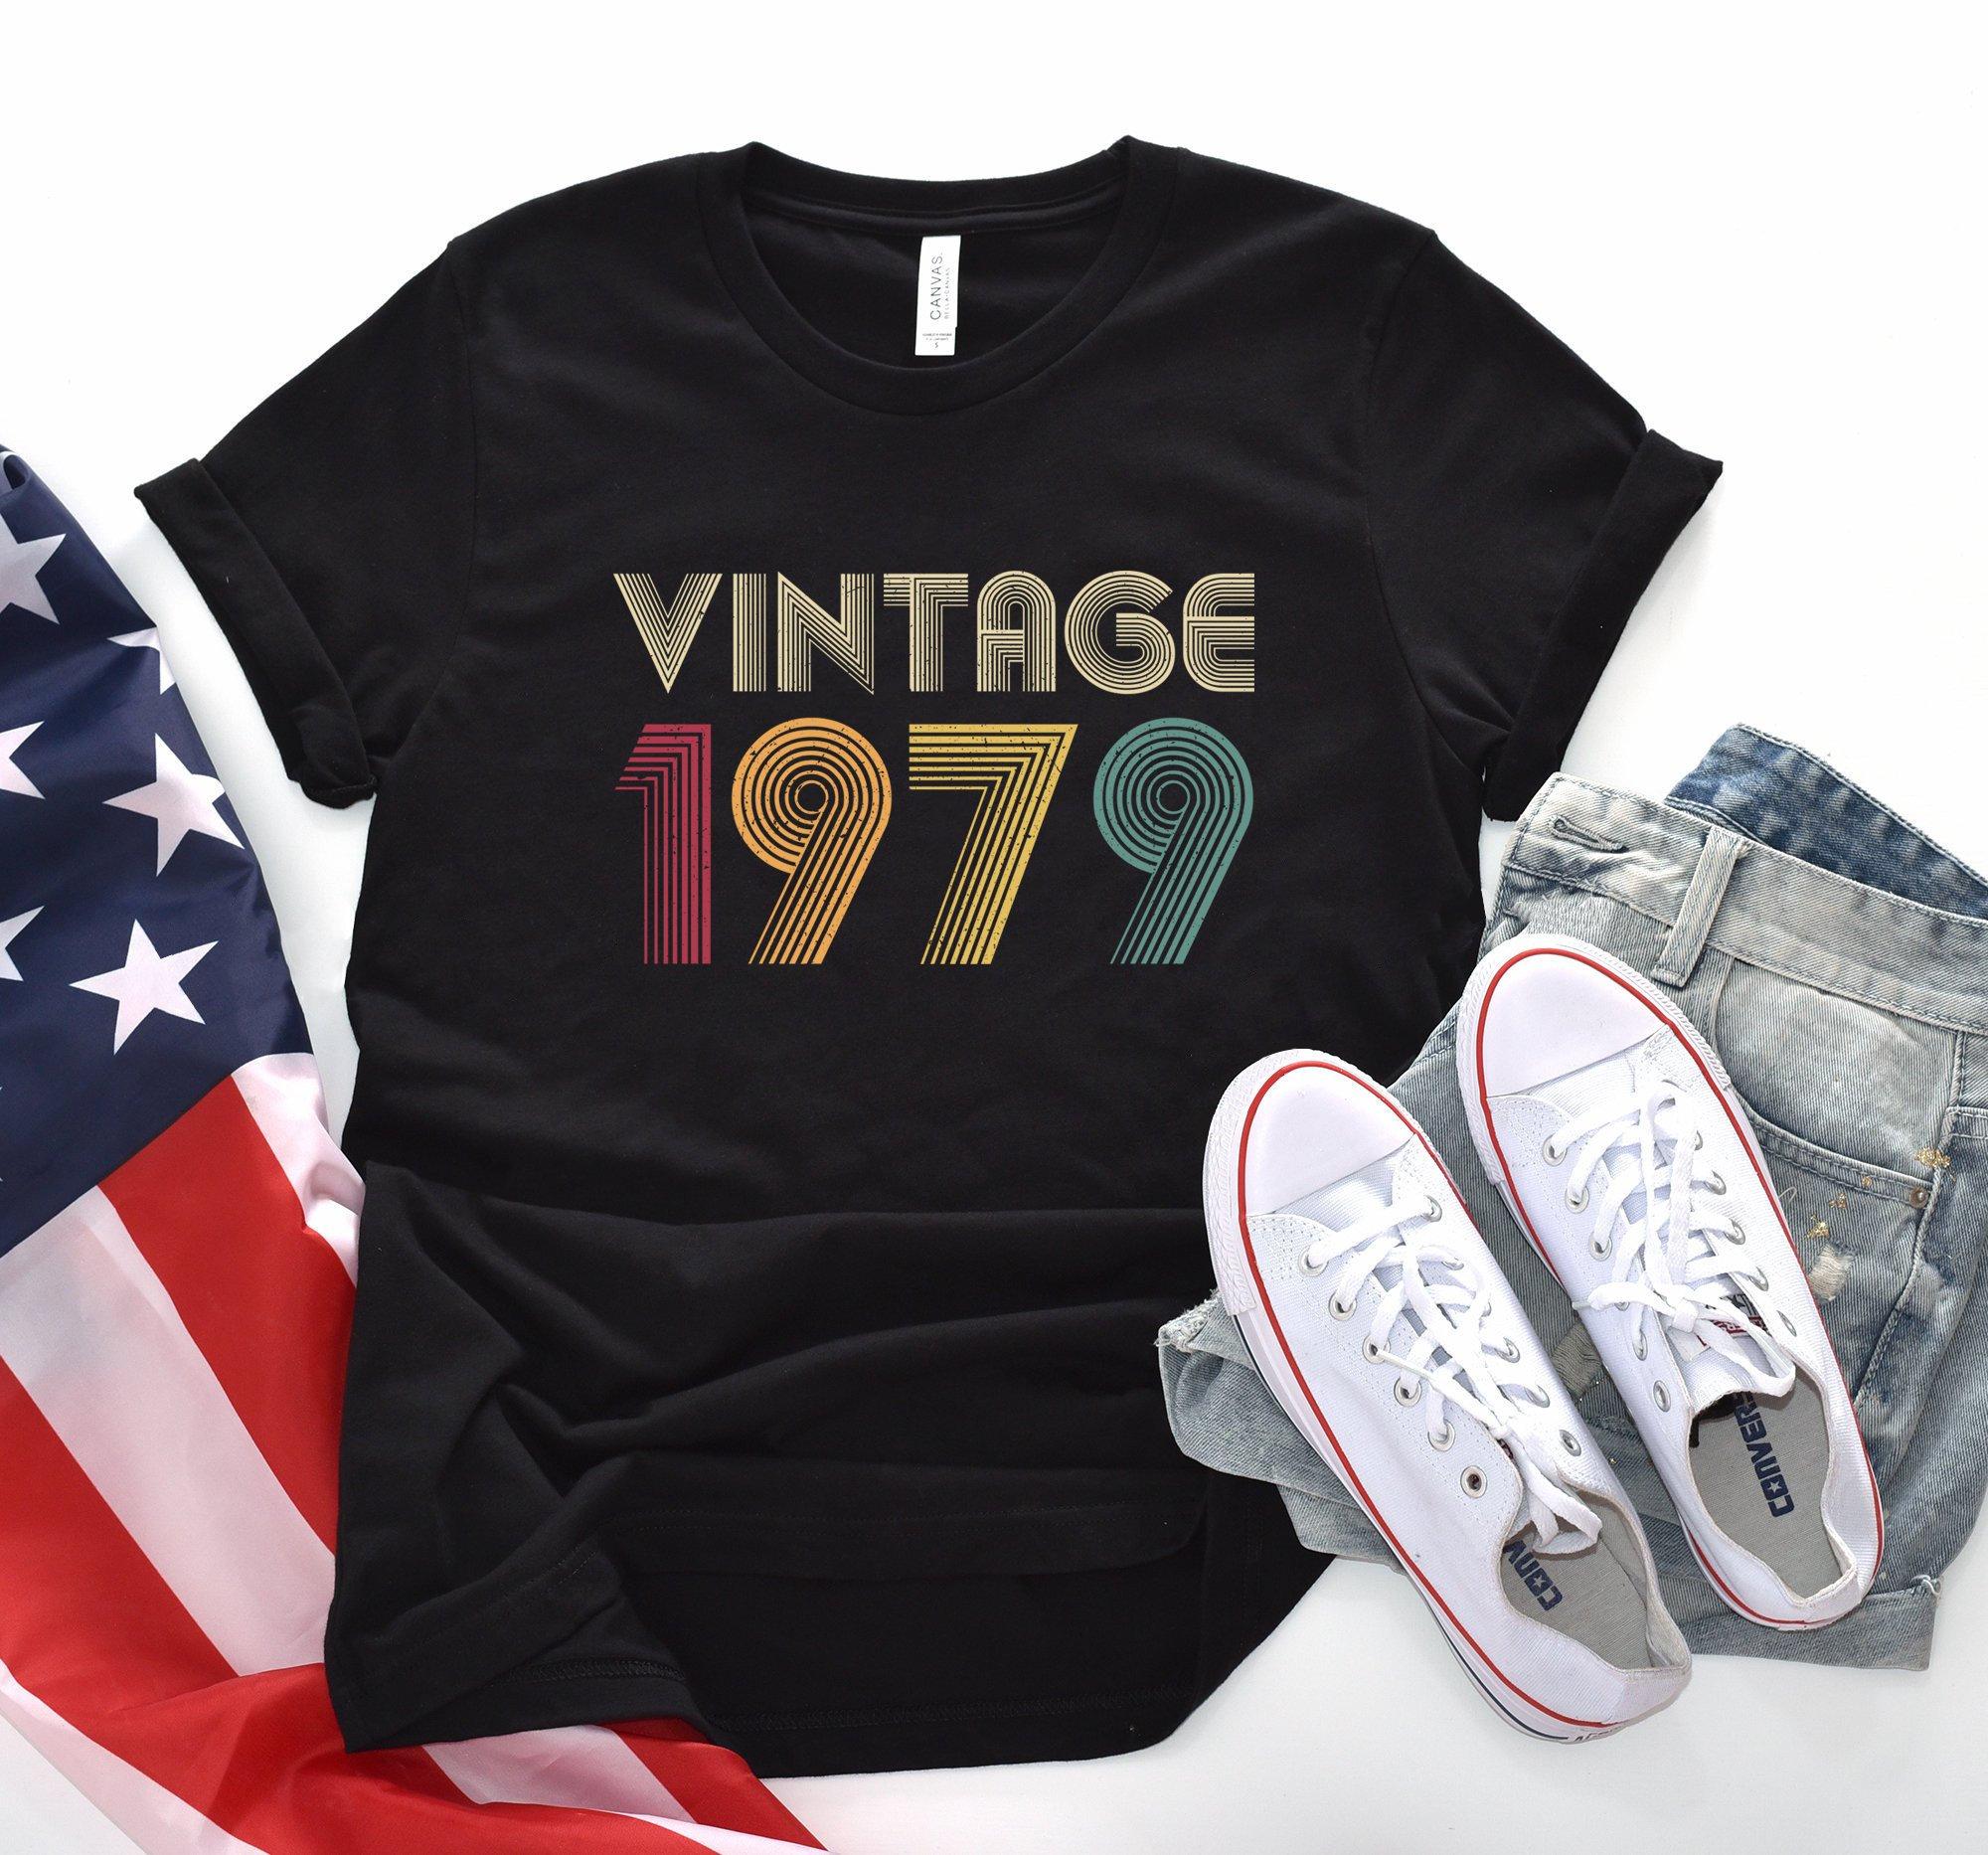 40e anniversaire cadeau cadeau anniversaire Vintage 1979 chemise pour femmes hommes rétro couleur classique 40ème anniversaire cadeau idées 1979 T-shirt Tee cadeaux de fille 97c1c8